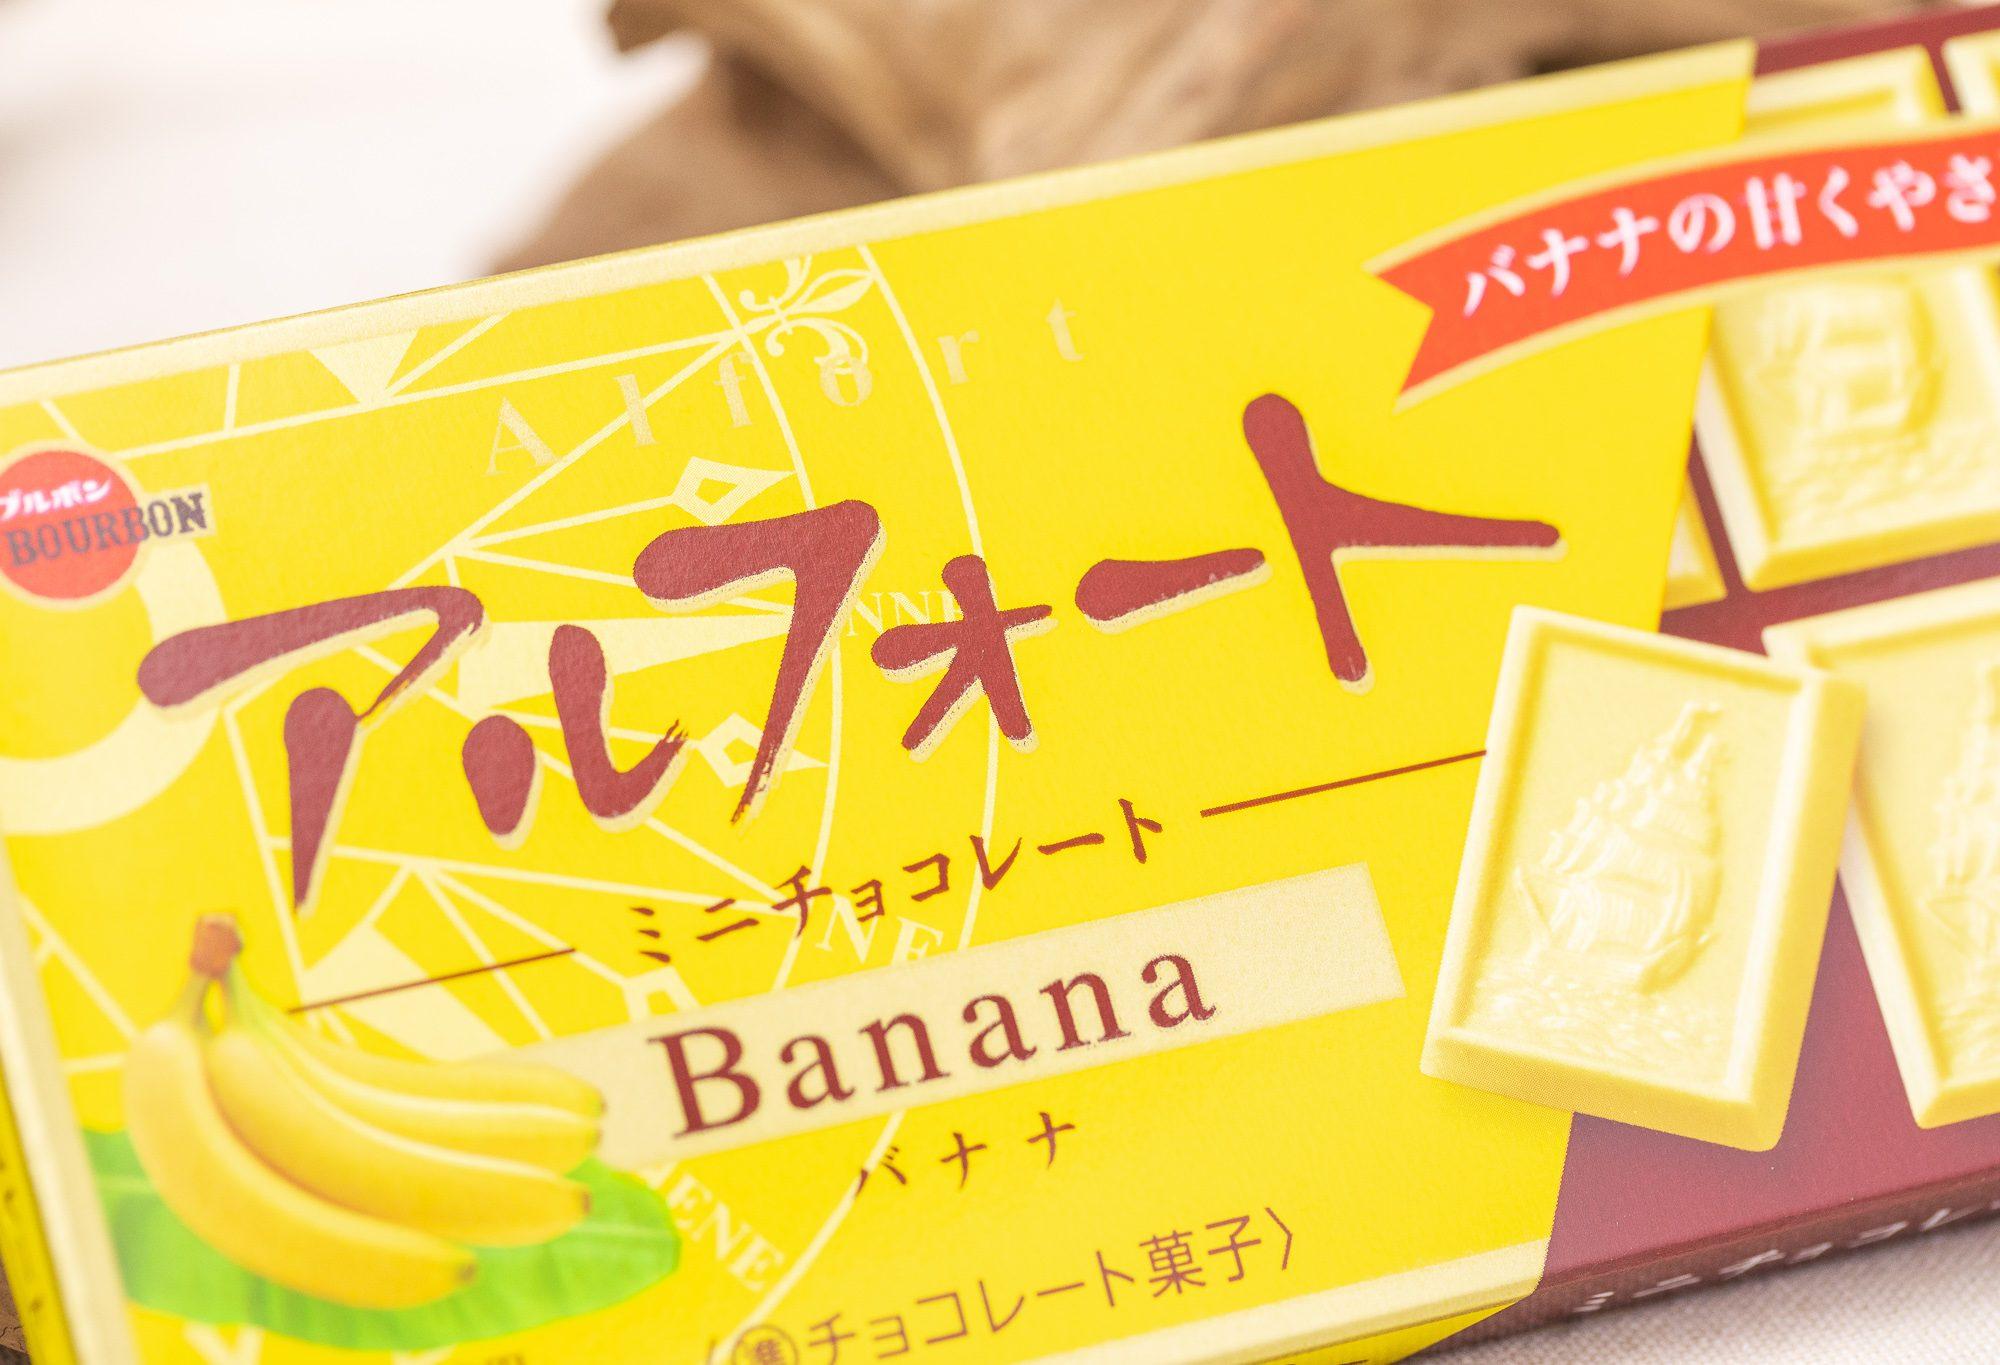 ブルボン『アルフォートミニチョコレートバナナ』はどストレートなバナナフレーバーチョコでバナナ党大歓喜のコクうまアルフォート!